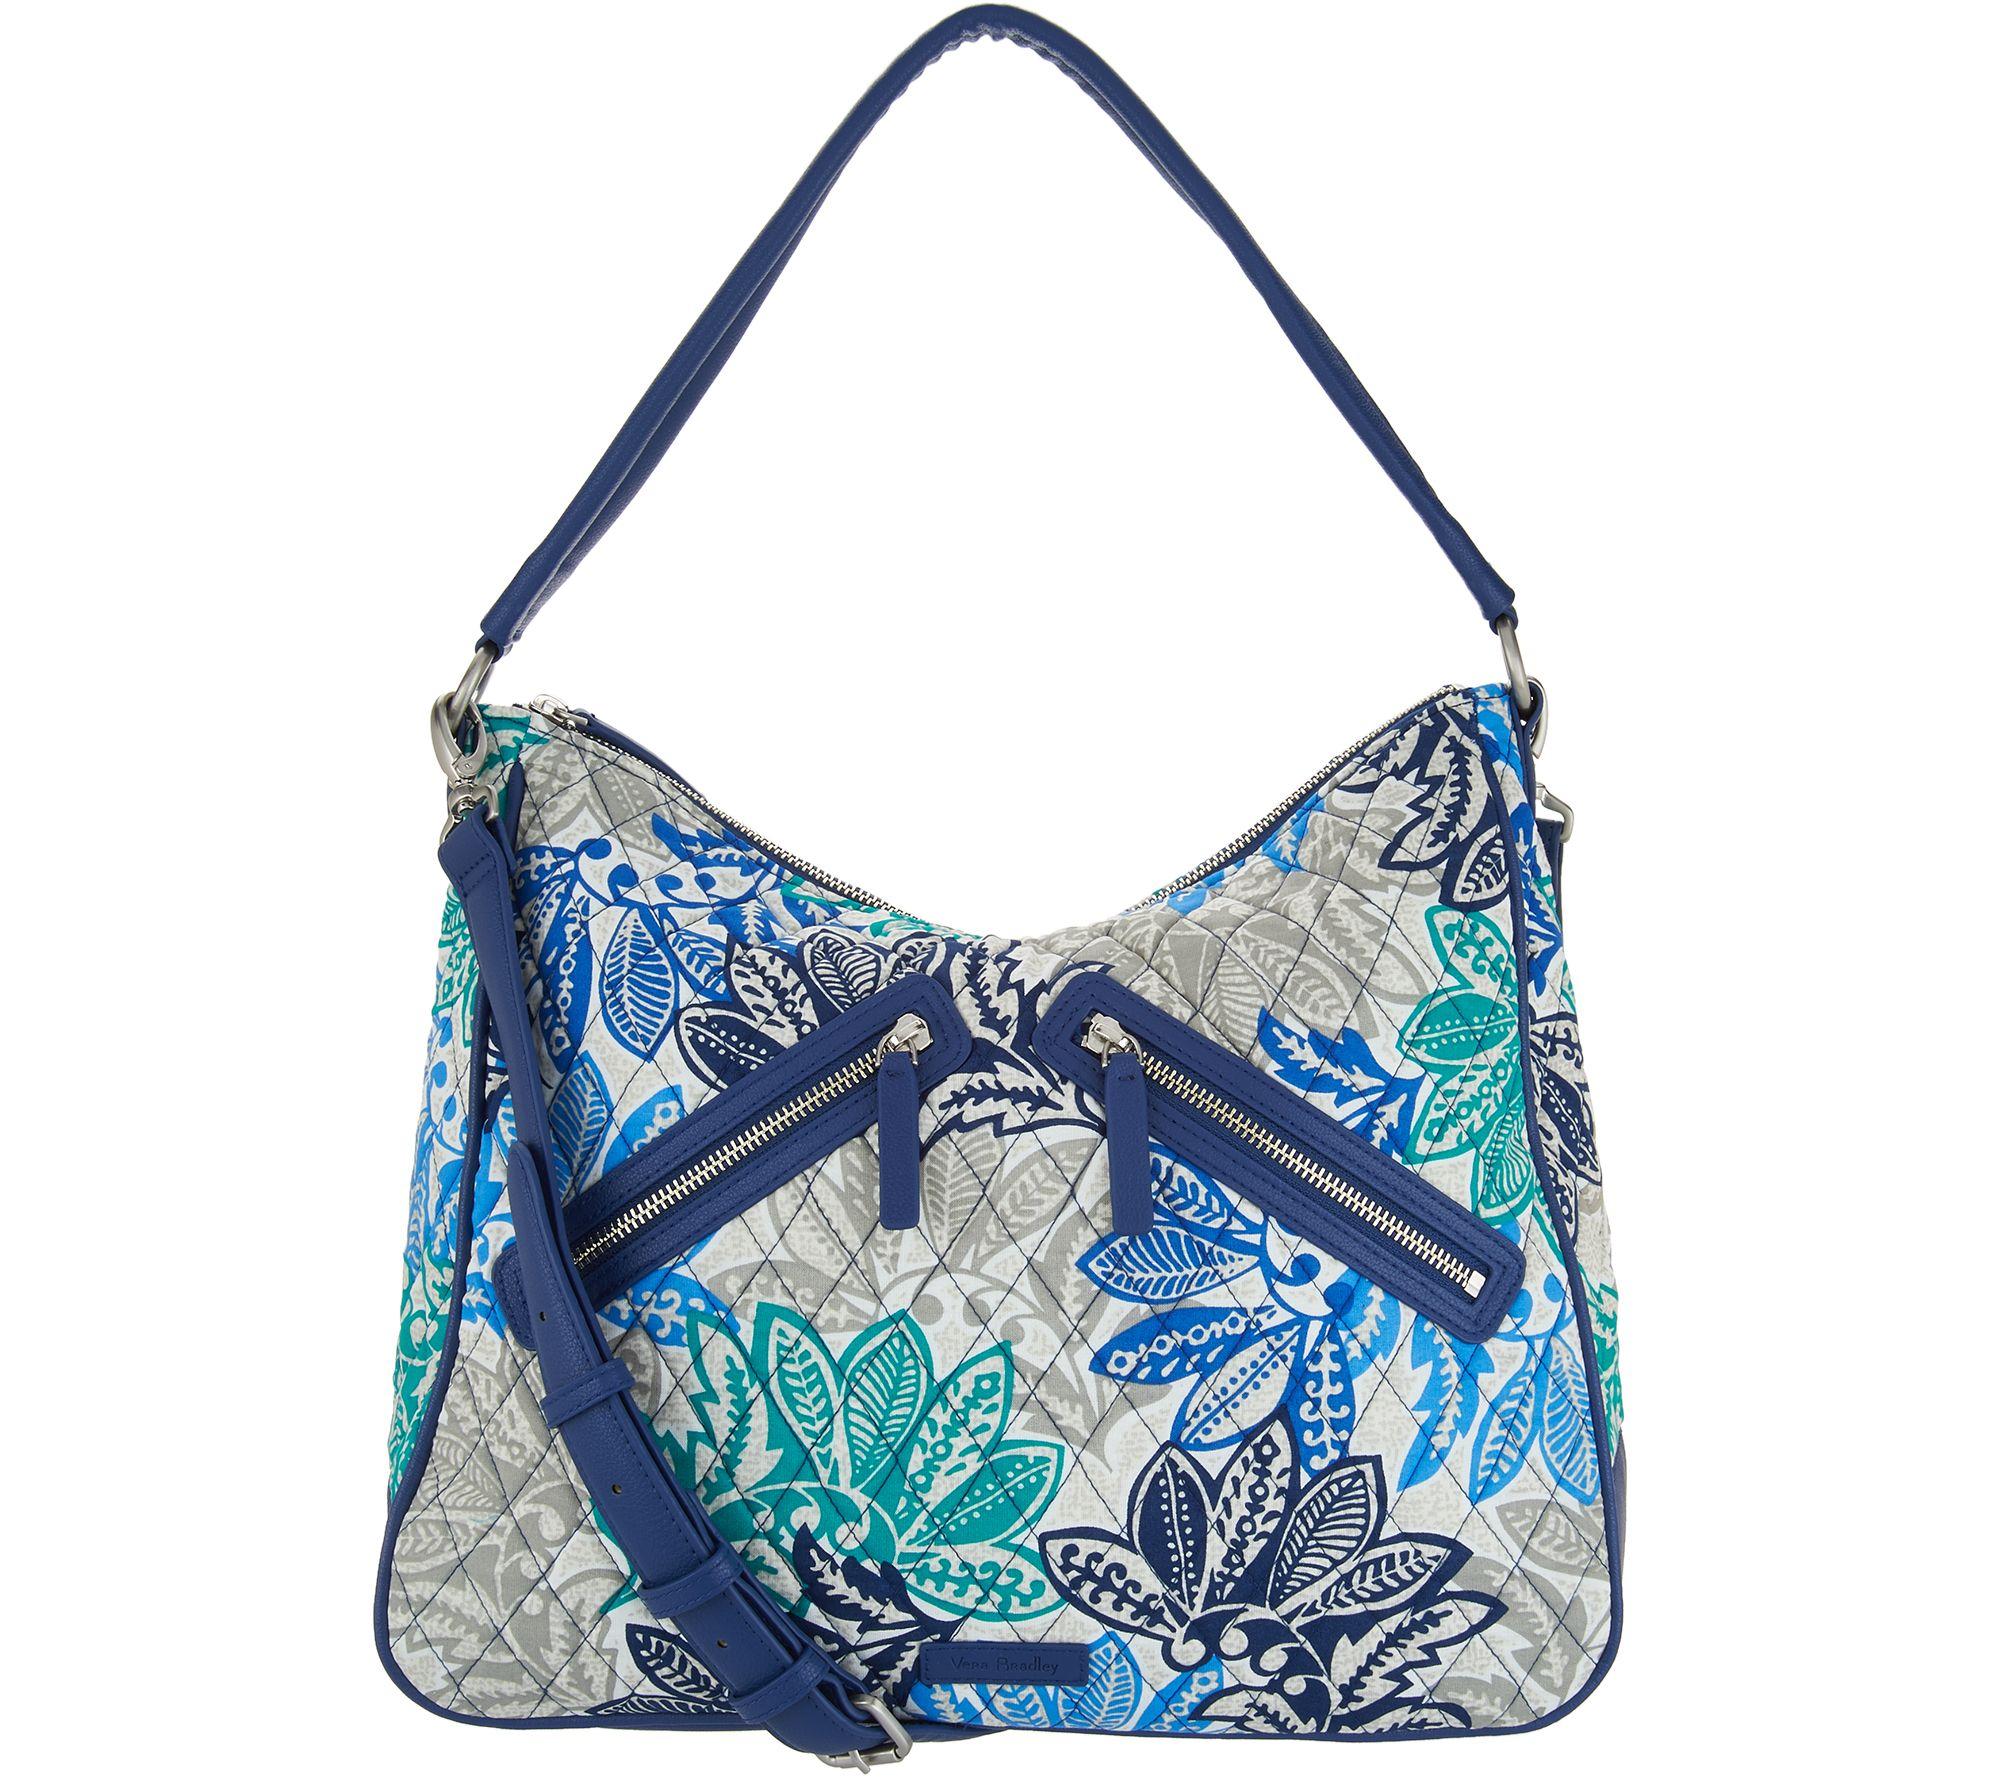 320660f88d2f Vera Bradley Signature Vivian Zip Top Hobo Handbag - Page 1 — QVC.com